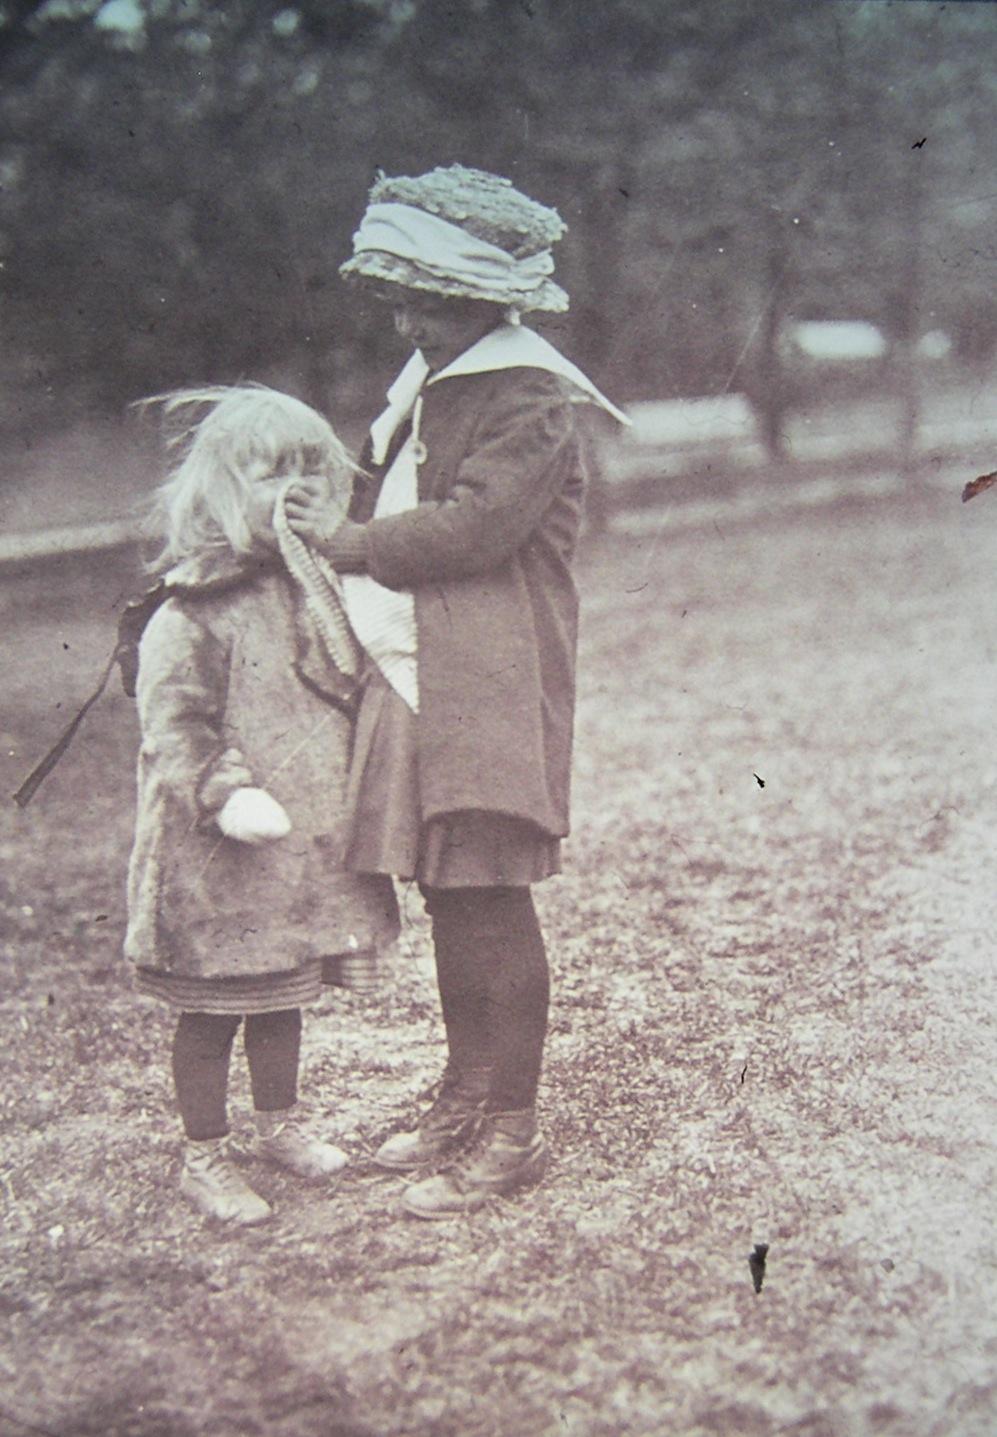 6. Flickan som snyter sin syster kopia